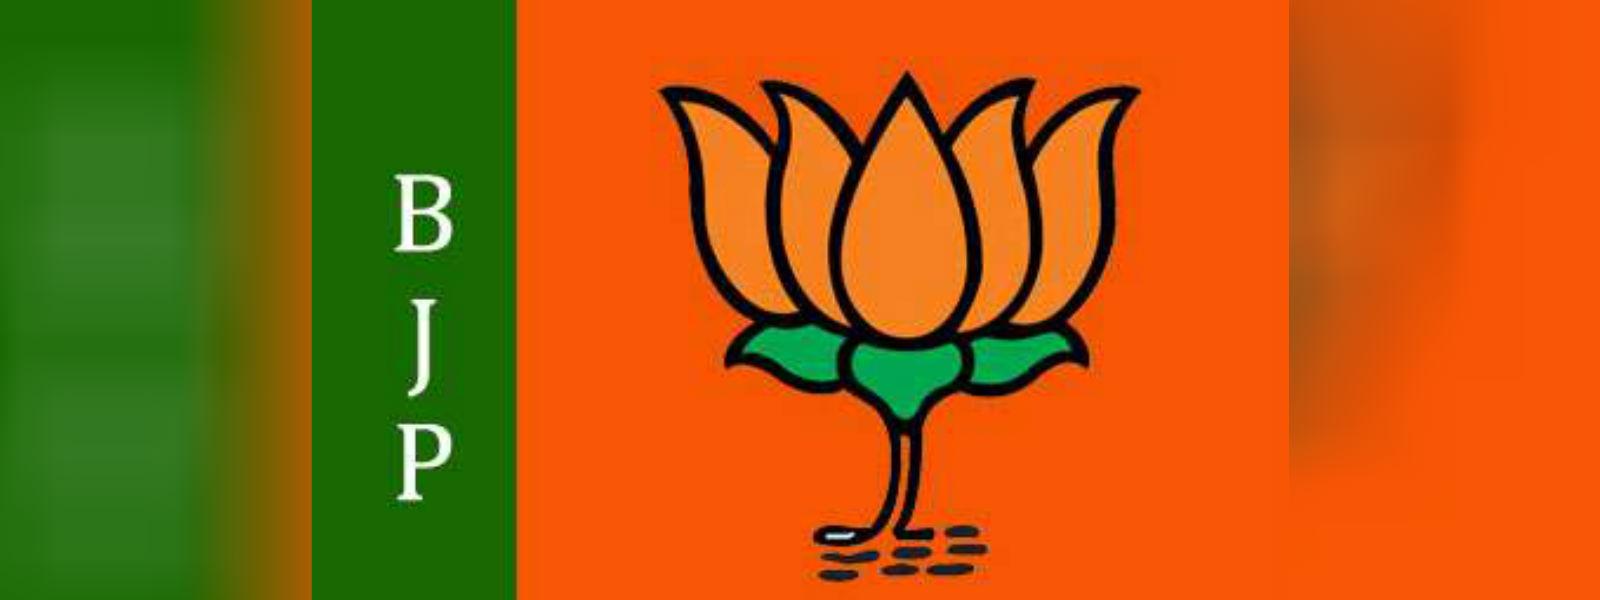 இந்திய மக்களவைத் தேர்தலில் பா.ஜ.க. முன்னிலை